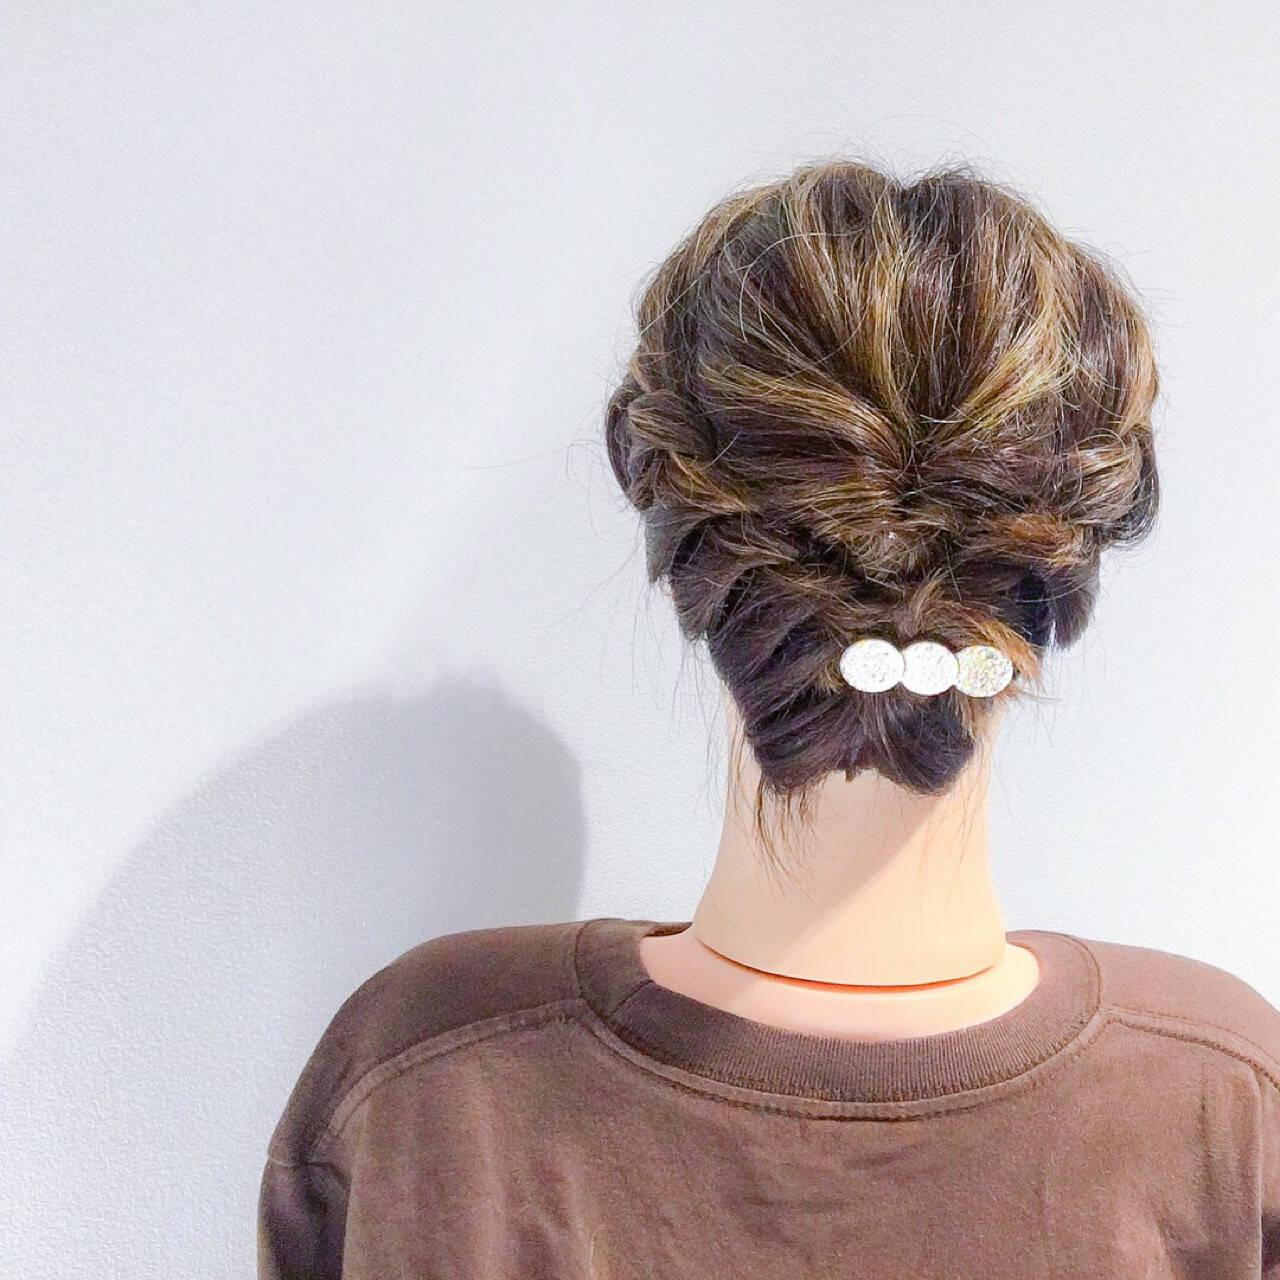 上品 結婚式 ボブ ヘアアレンジヘアスタイルや髪型の写真・画像